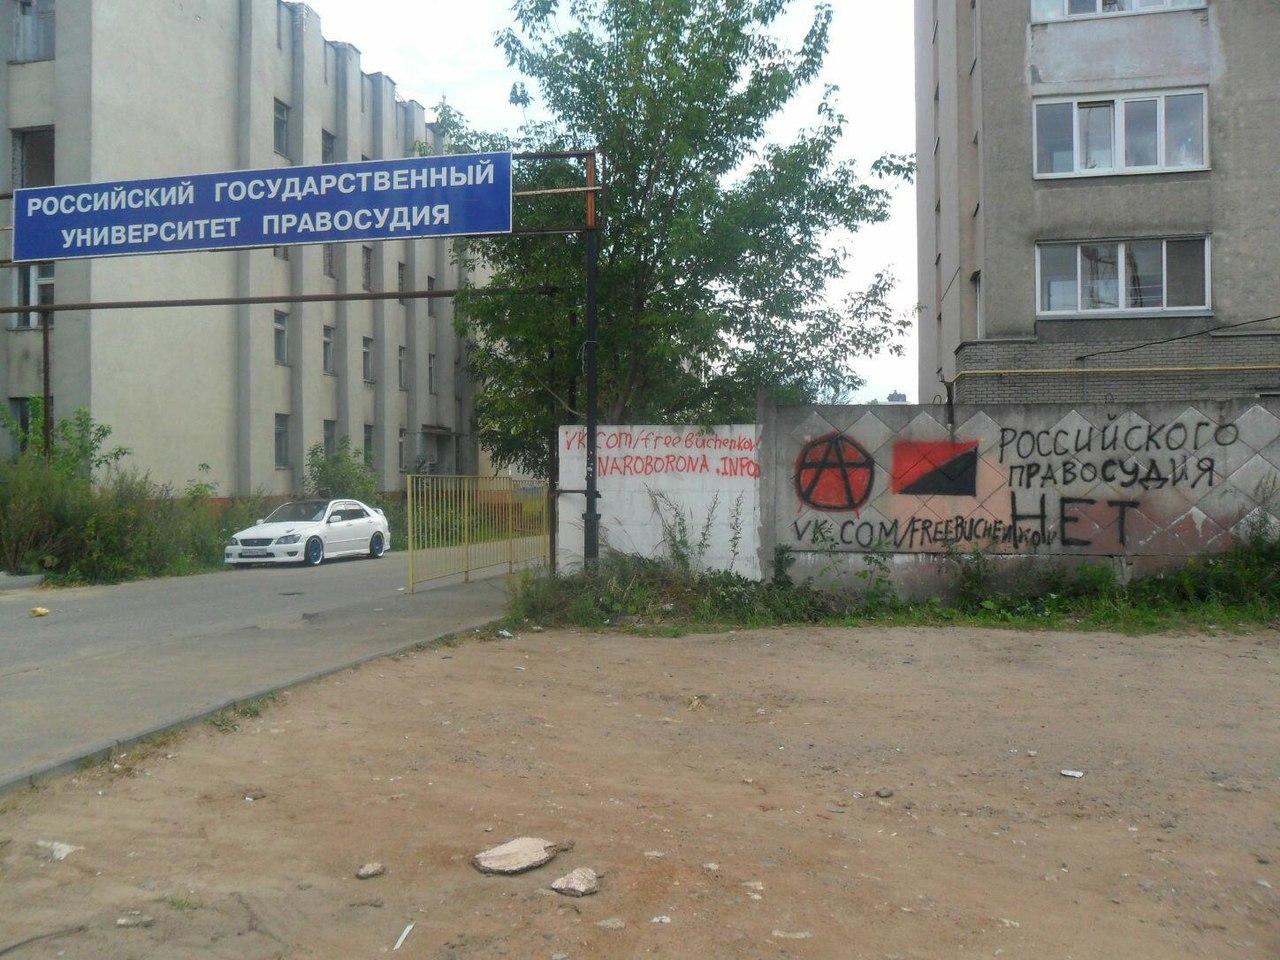 Graffiti in Nizhny Novgorod, Russia